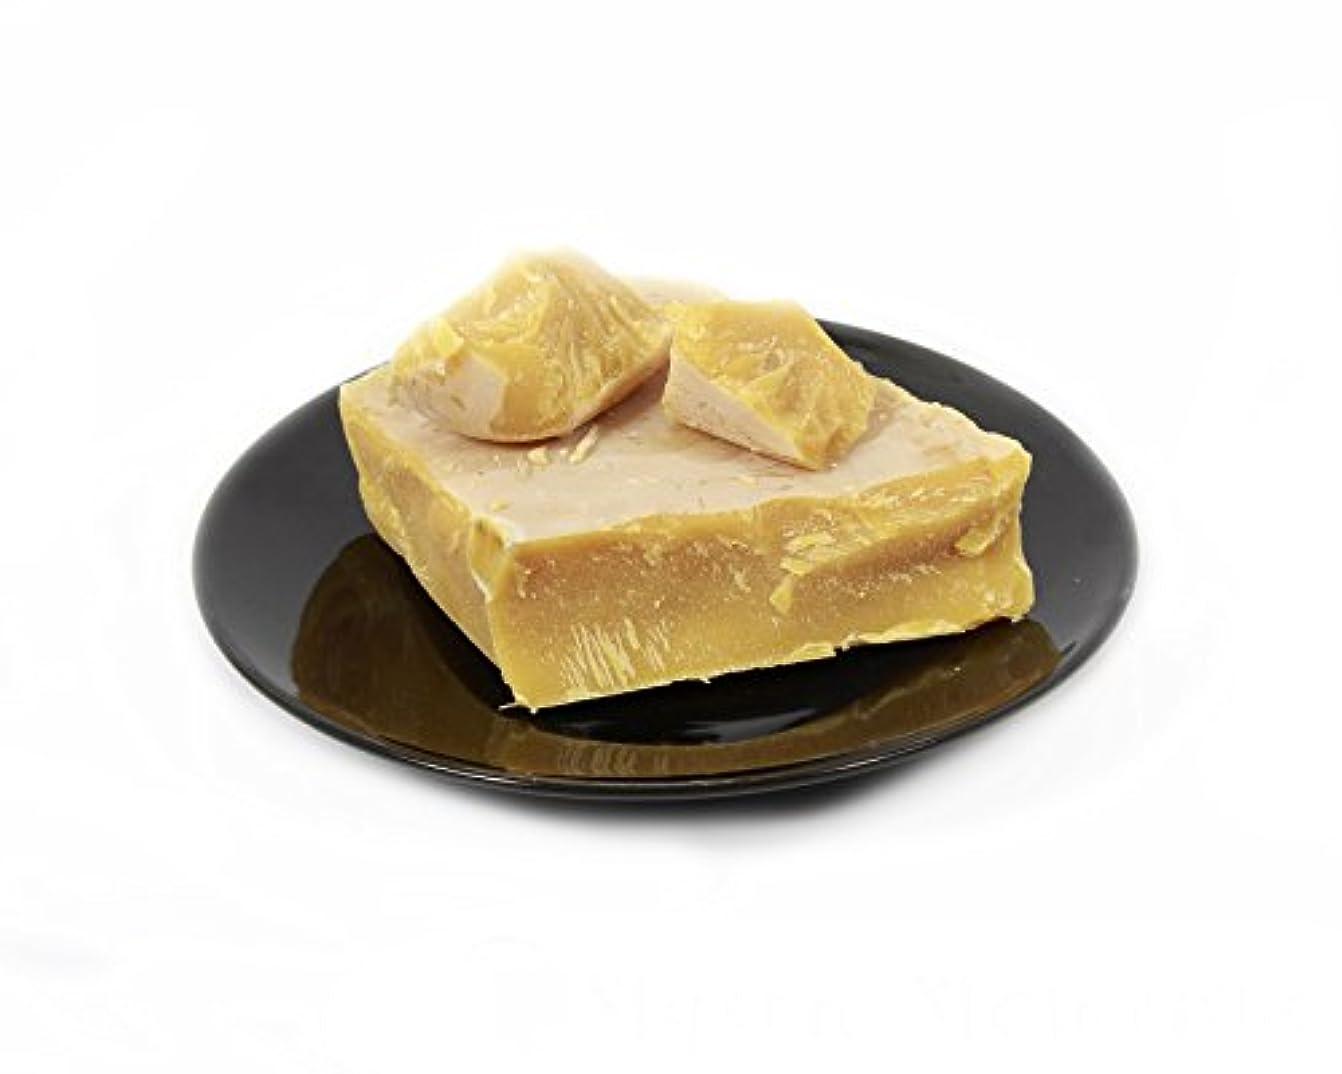 講義コットンシャンパンBeeswax Block Purified Yellow (100% Natural) - 5Kg